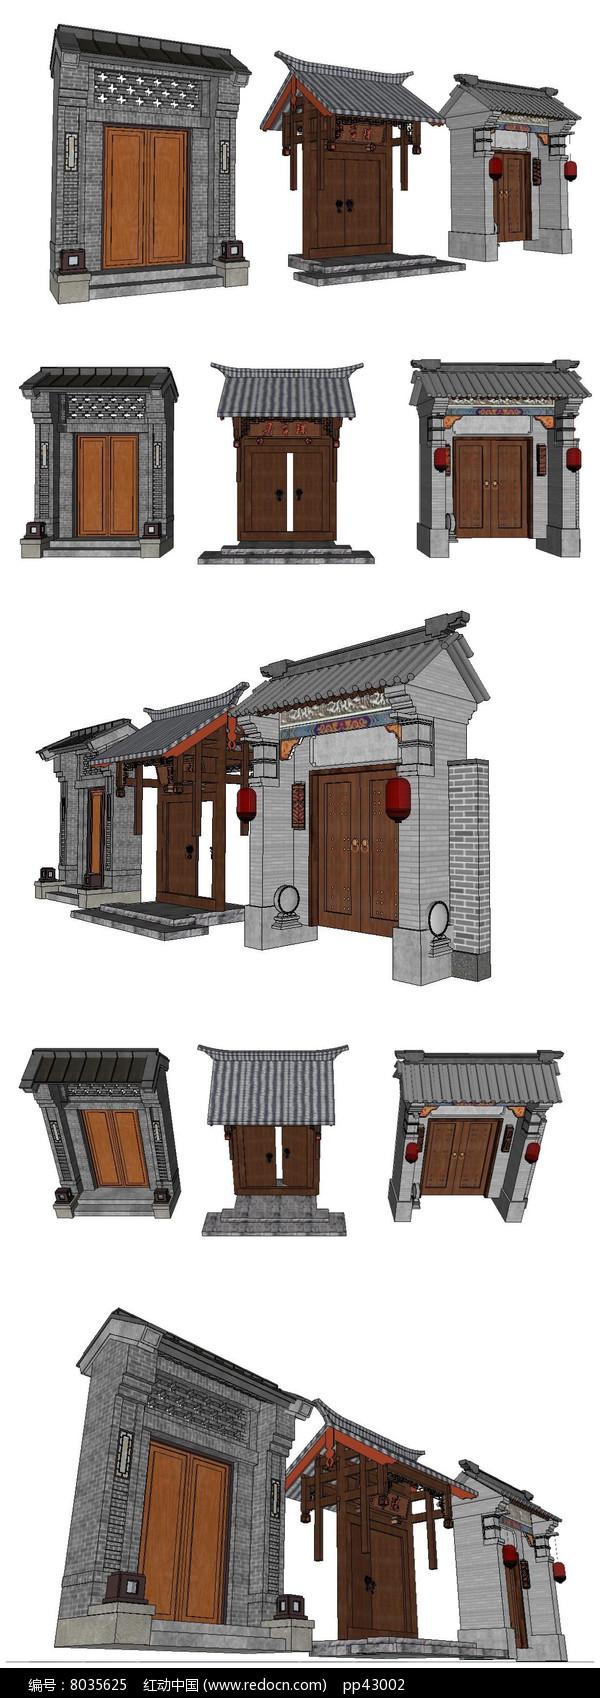 原创设计稿 3d模型库 围墙|栏杆|大门 2017中式仿古大门垂花门su模型图片